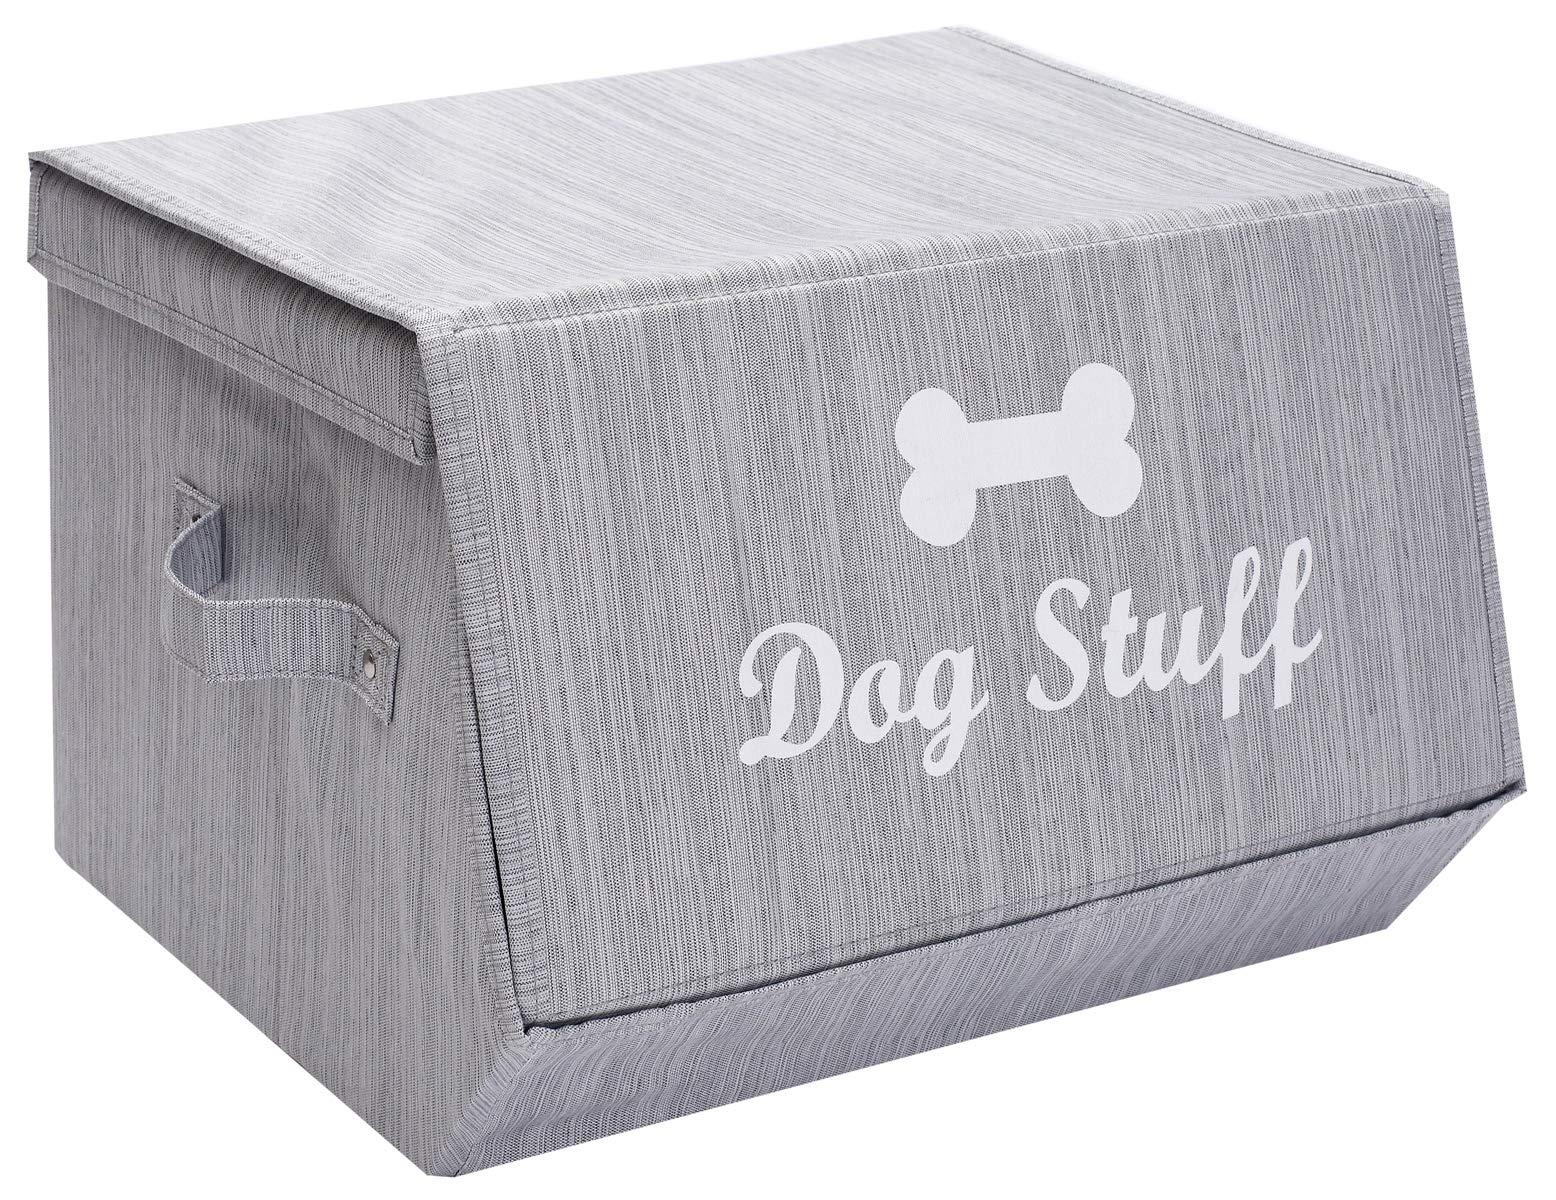 Morezi cesta de juguete de lona para perro y caja de juguetes para perro con tapa, cesta organizador de pecho – perfecto para organizar juguetes de mascotas, mantas, correas y alimentos: Amazon.es: